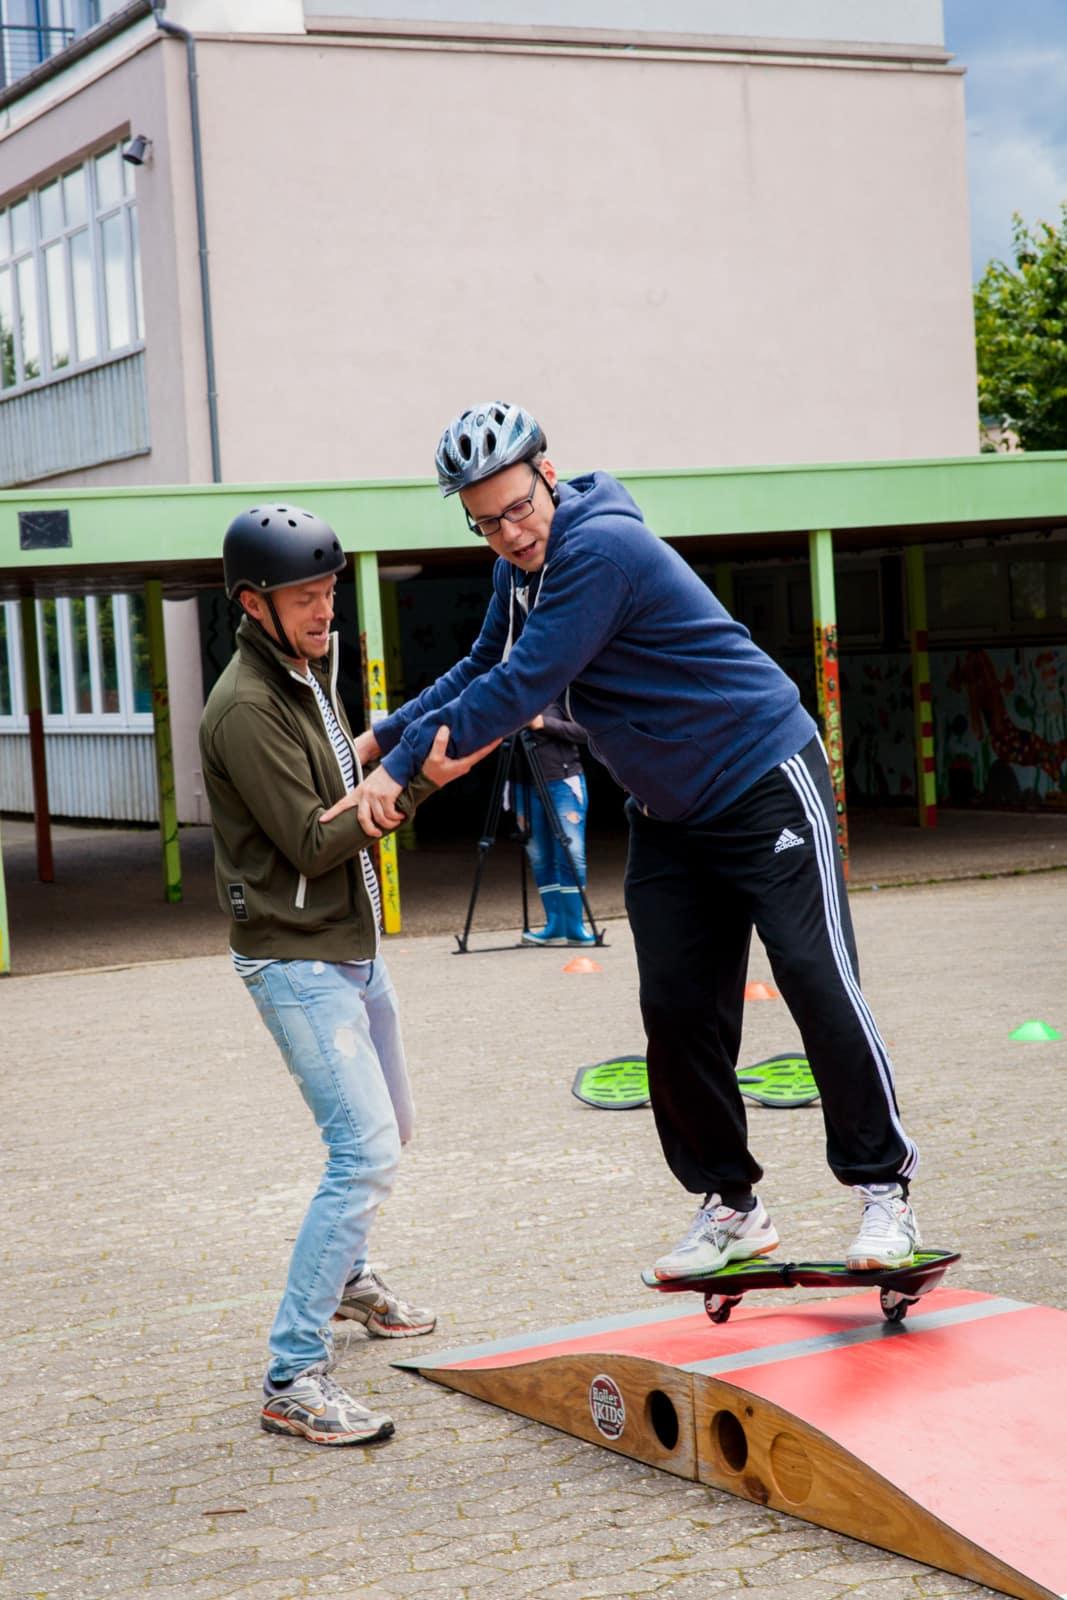 Lehrer helfen sich beim Waveboard fahren